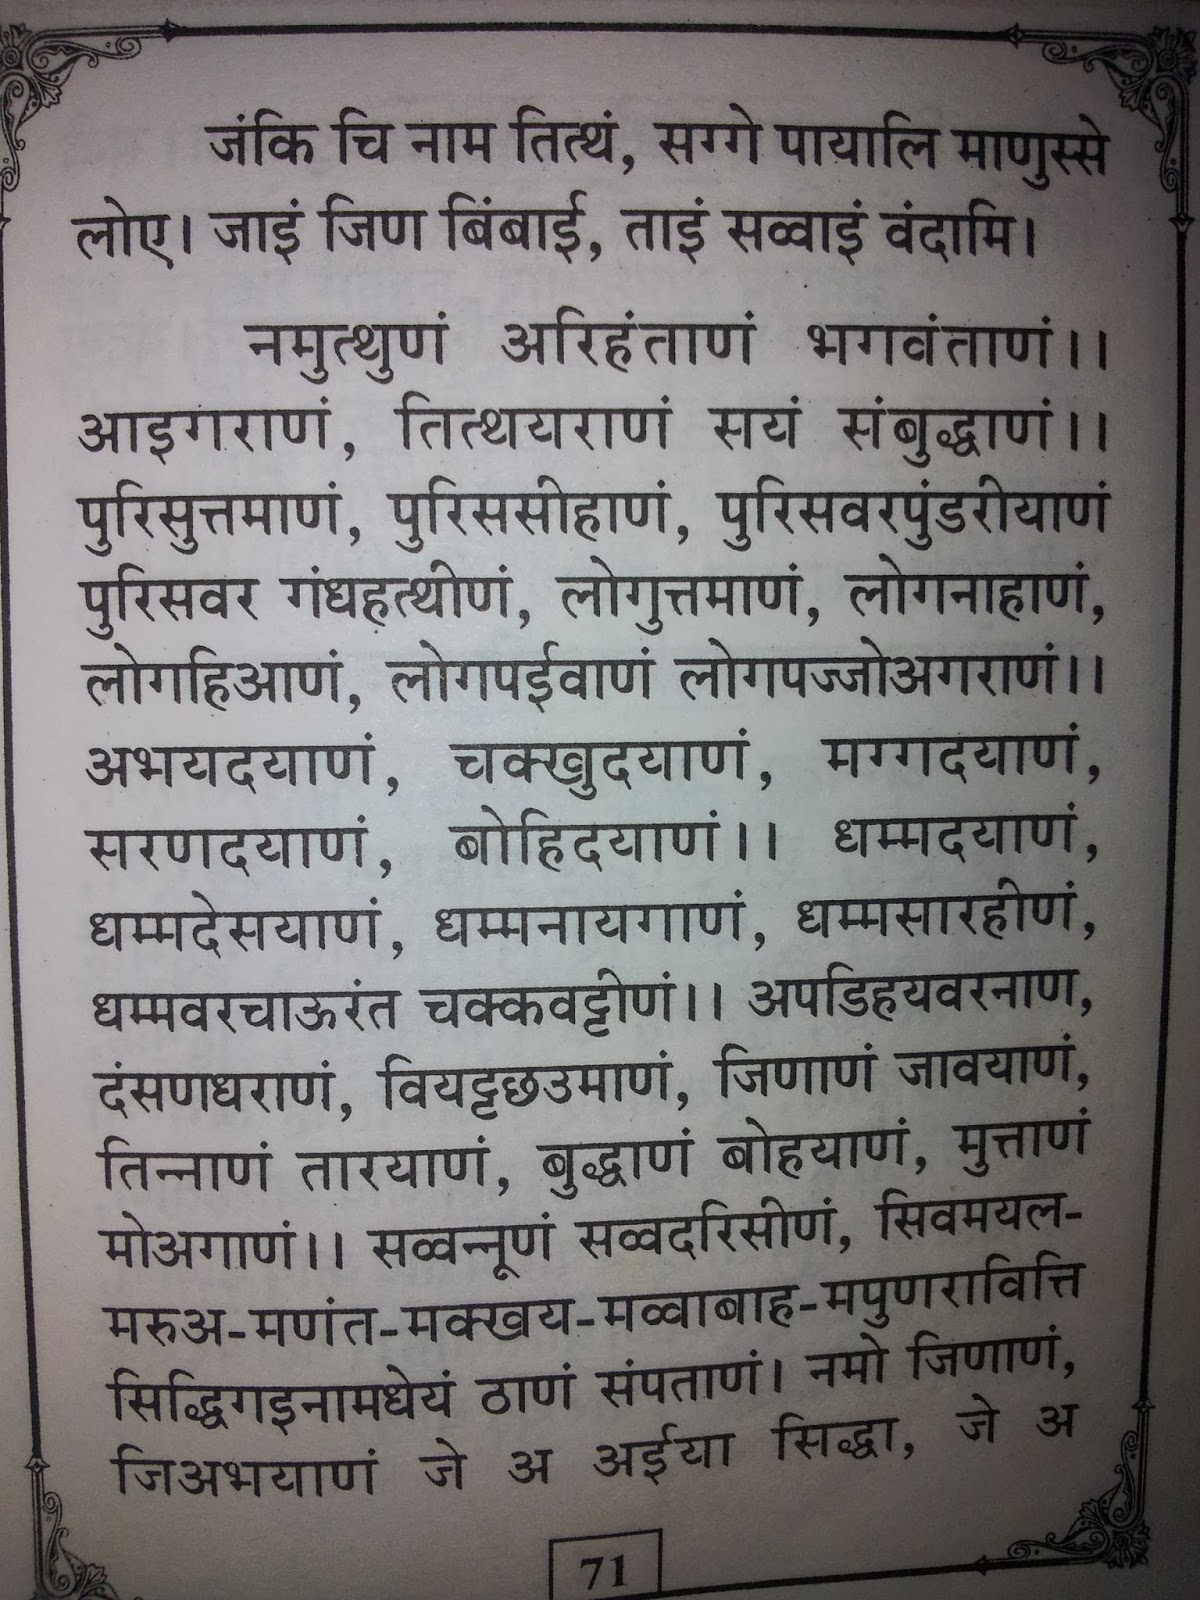 Shree yantra puja vidhi pdf